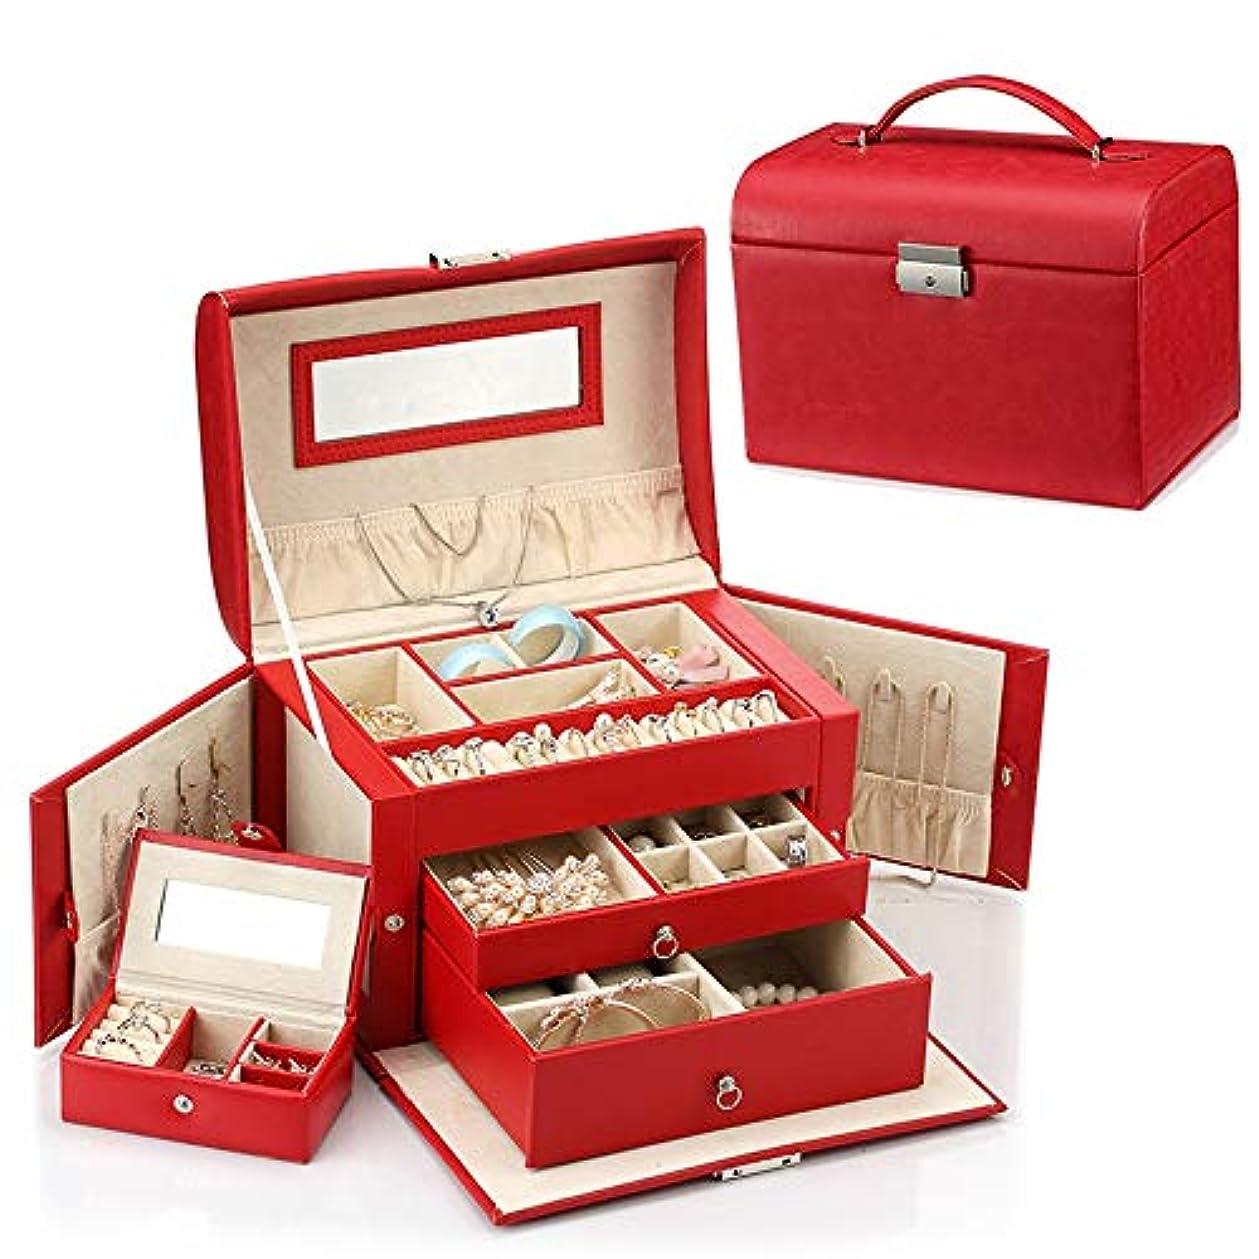 応じる真珠のような何十人も特大スペース収納ビューティーボックス ジュエリーボックス、イミテーションレザーミディアムジュエリー収納ボックス、ポータブル、ロックレディレトロギフト - マルチカラーオプション 化粧品化粧台 (色 : 赤)